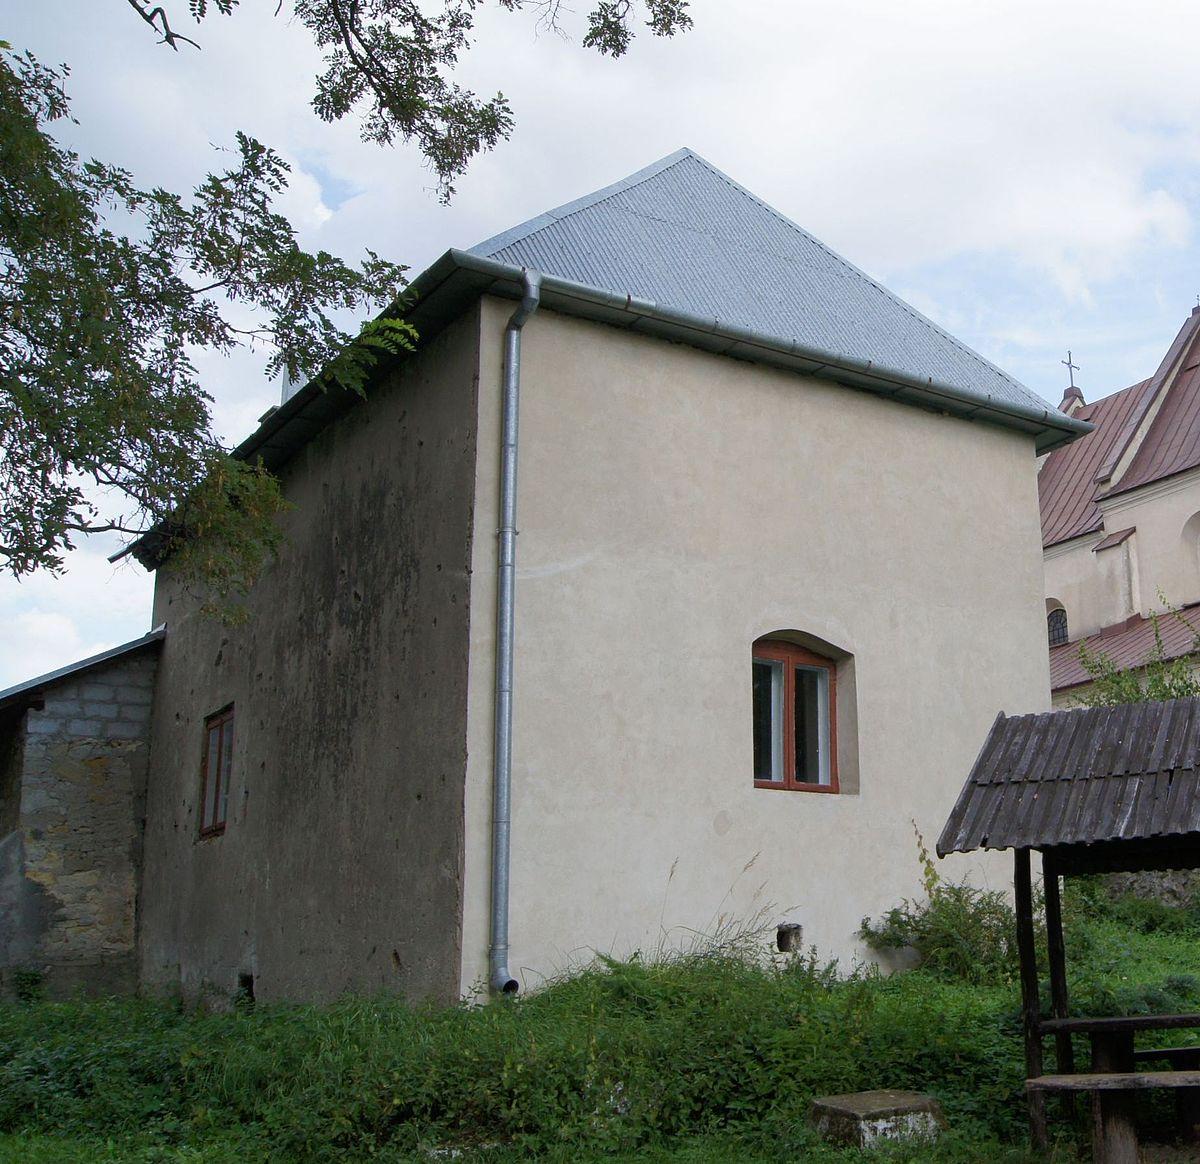 Dom ministra ariańskiego w Rakowie.JPG